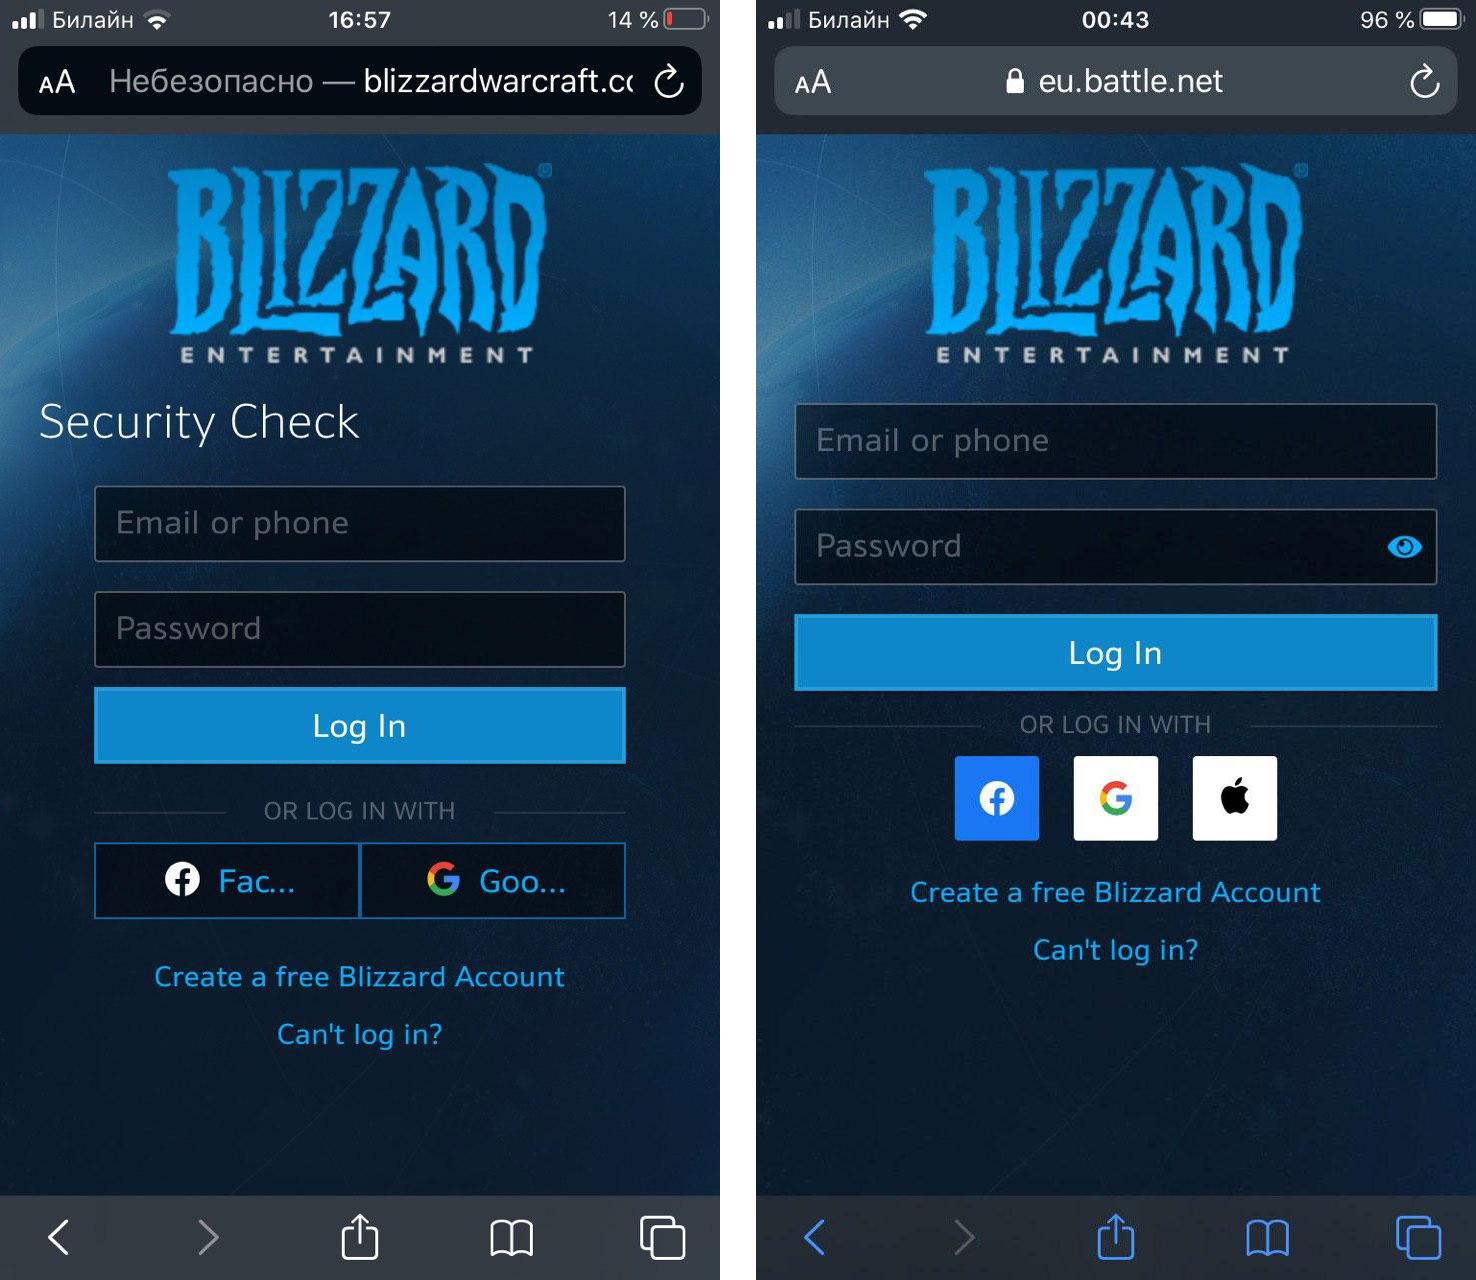 Comparaison du faux site Internet Blizzard avec l'authentique